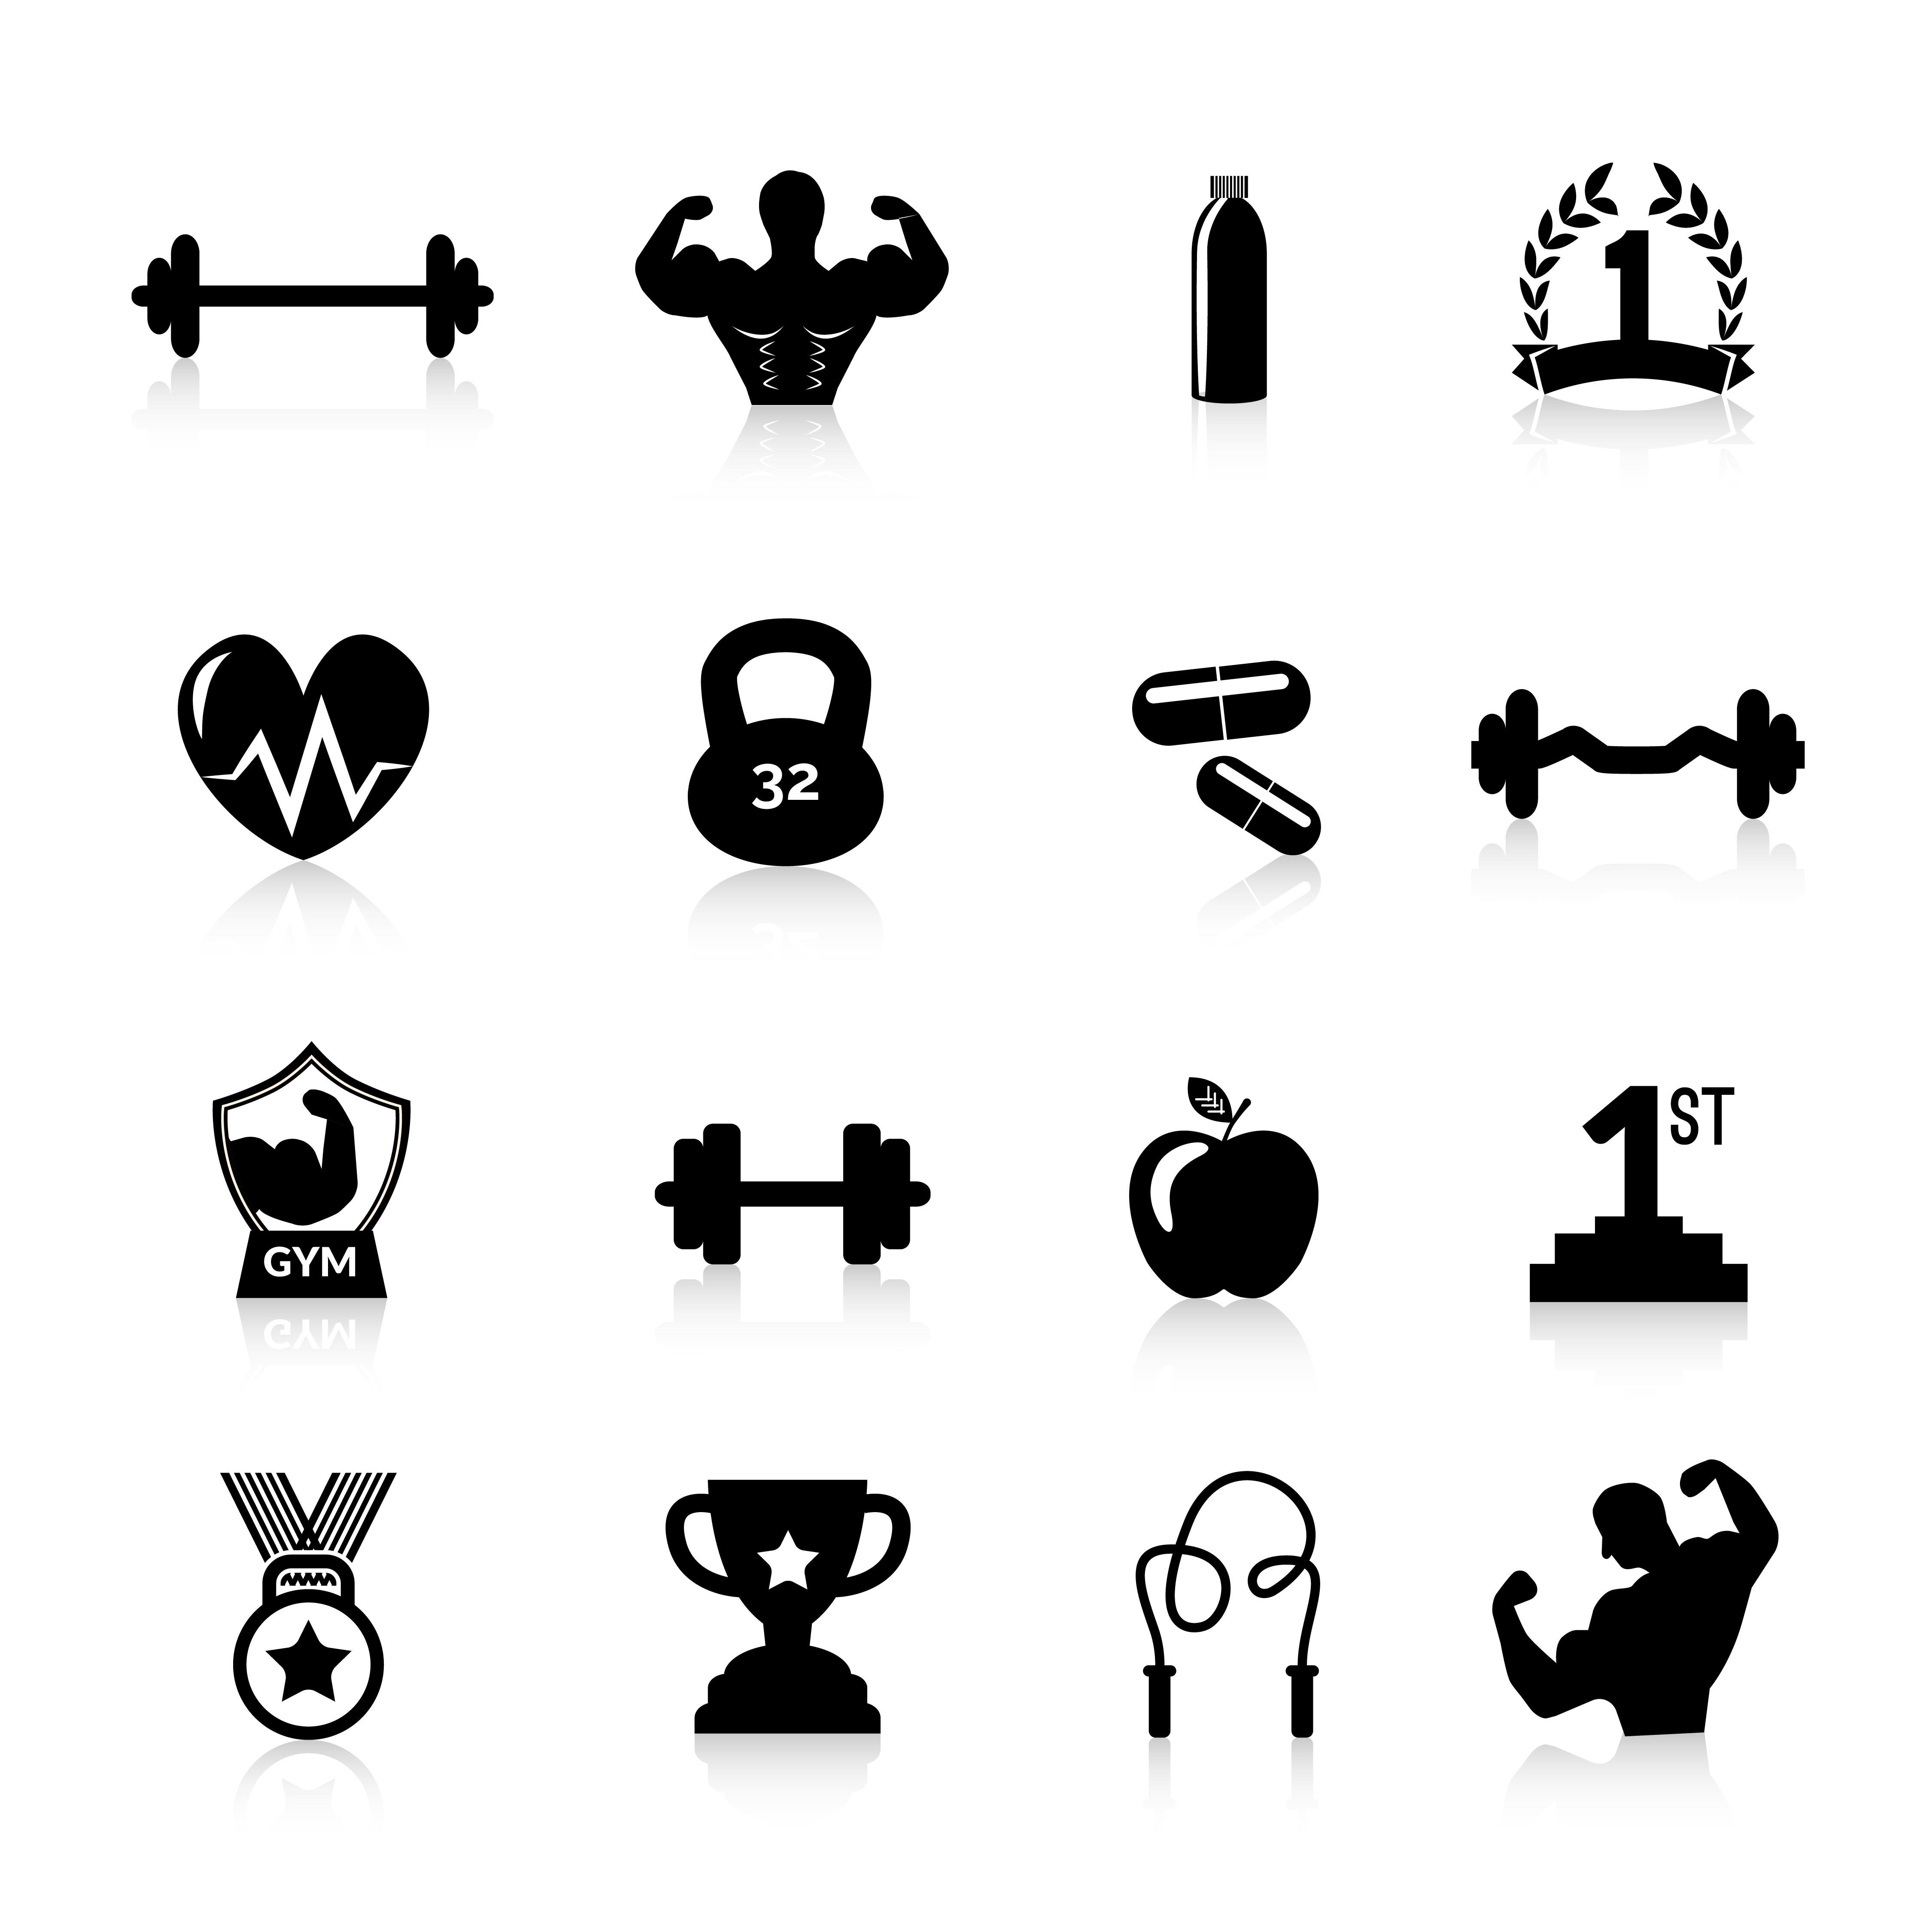 Preto De Icones De Musculacao Download Vetores Gratis Desenhos